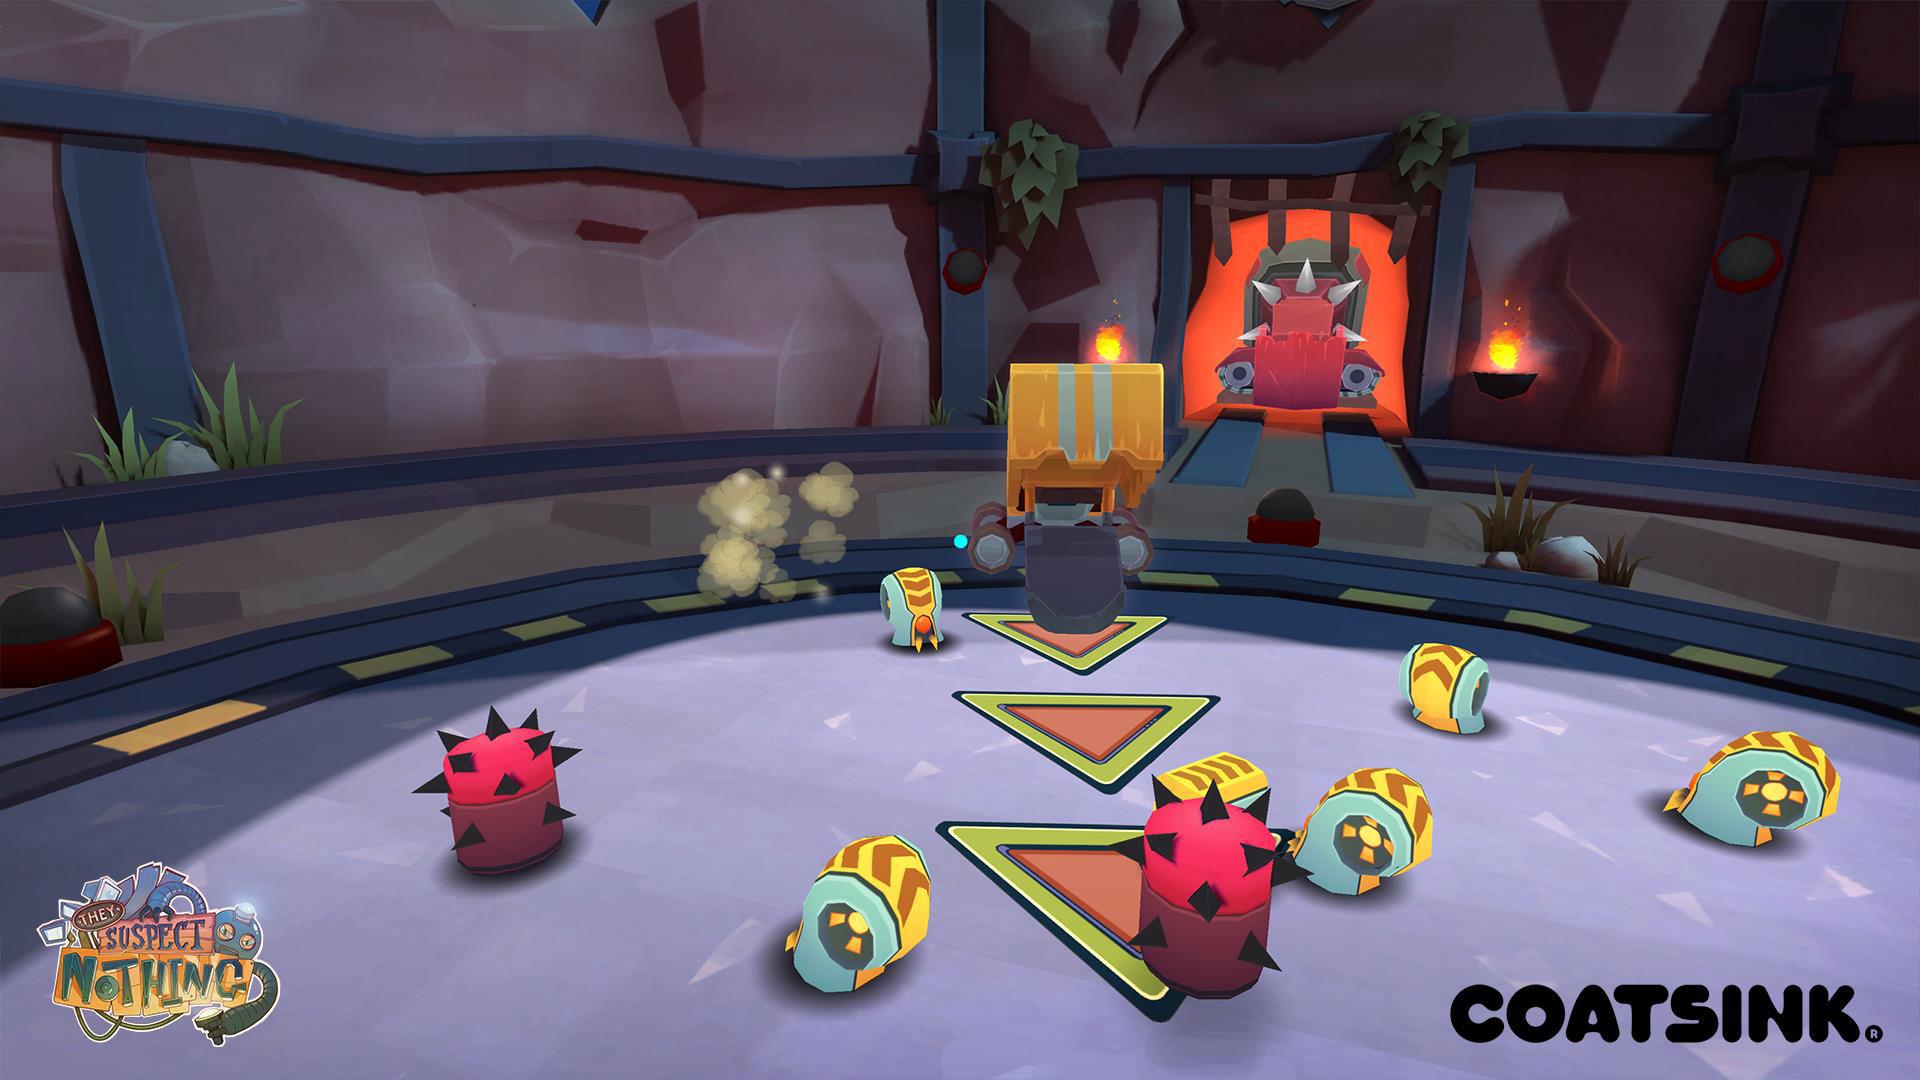 """... die lustige Minispiel-Sammlung """"They Suspect Nothing"""", mit der Spieler in einen Minigame-Kosmos voller durchgedrehter Cartoon-Roboter abtauchen."""